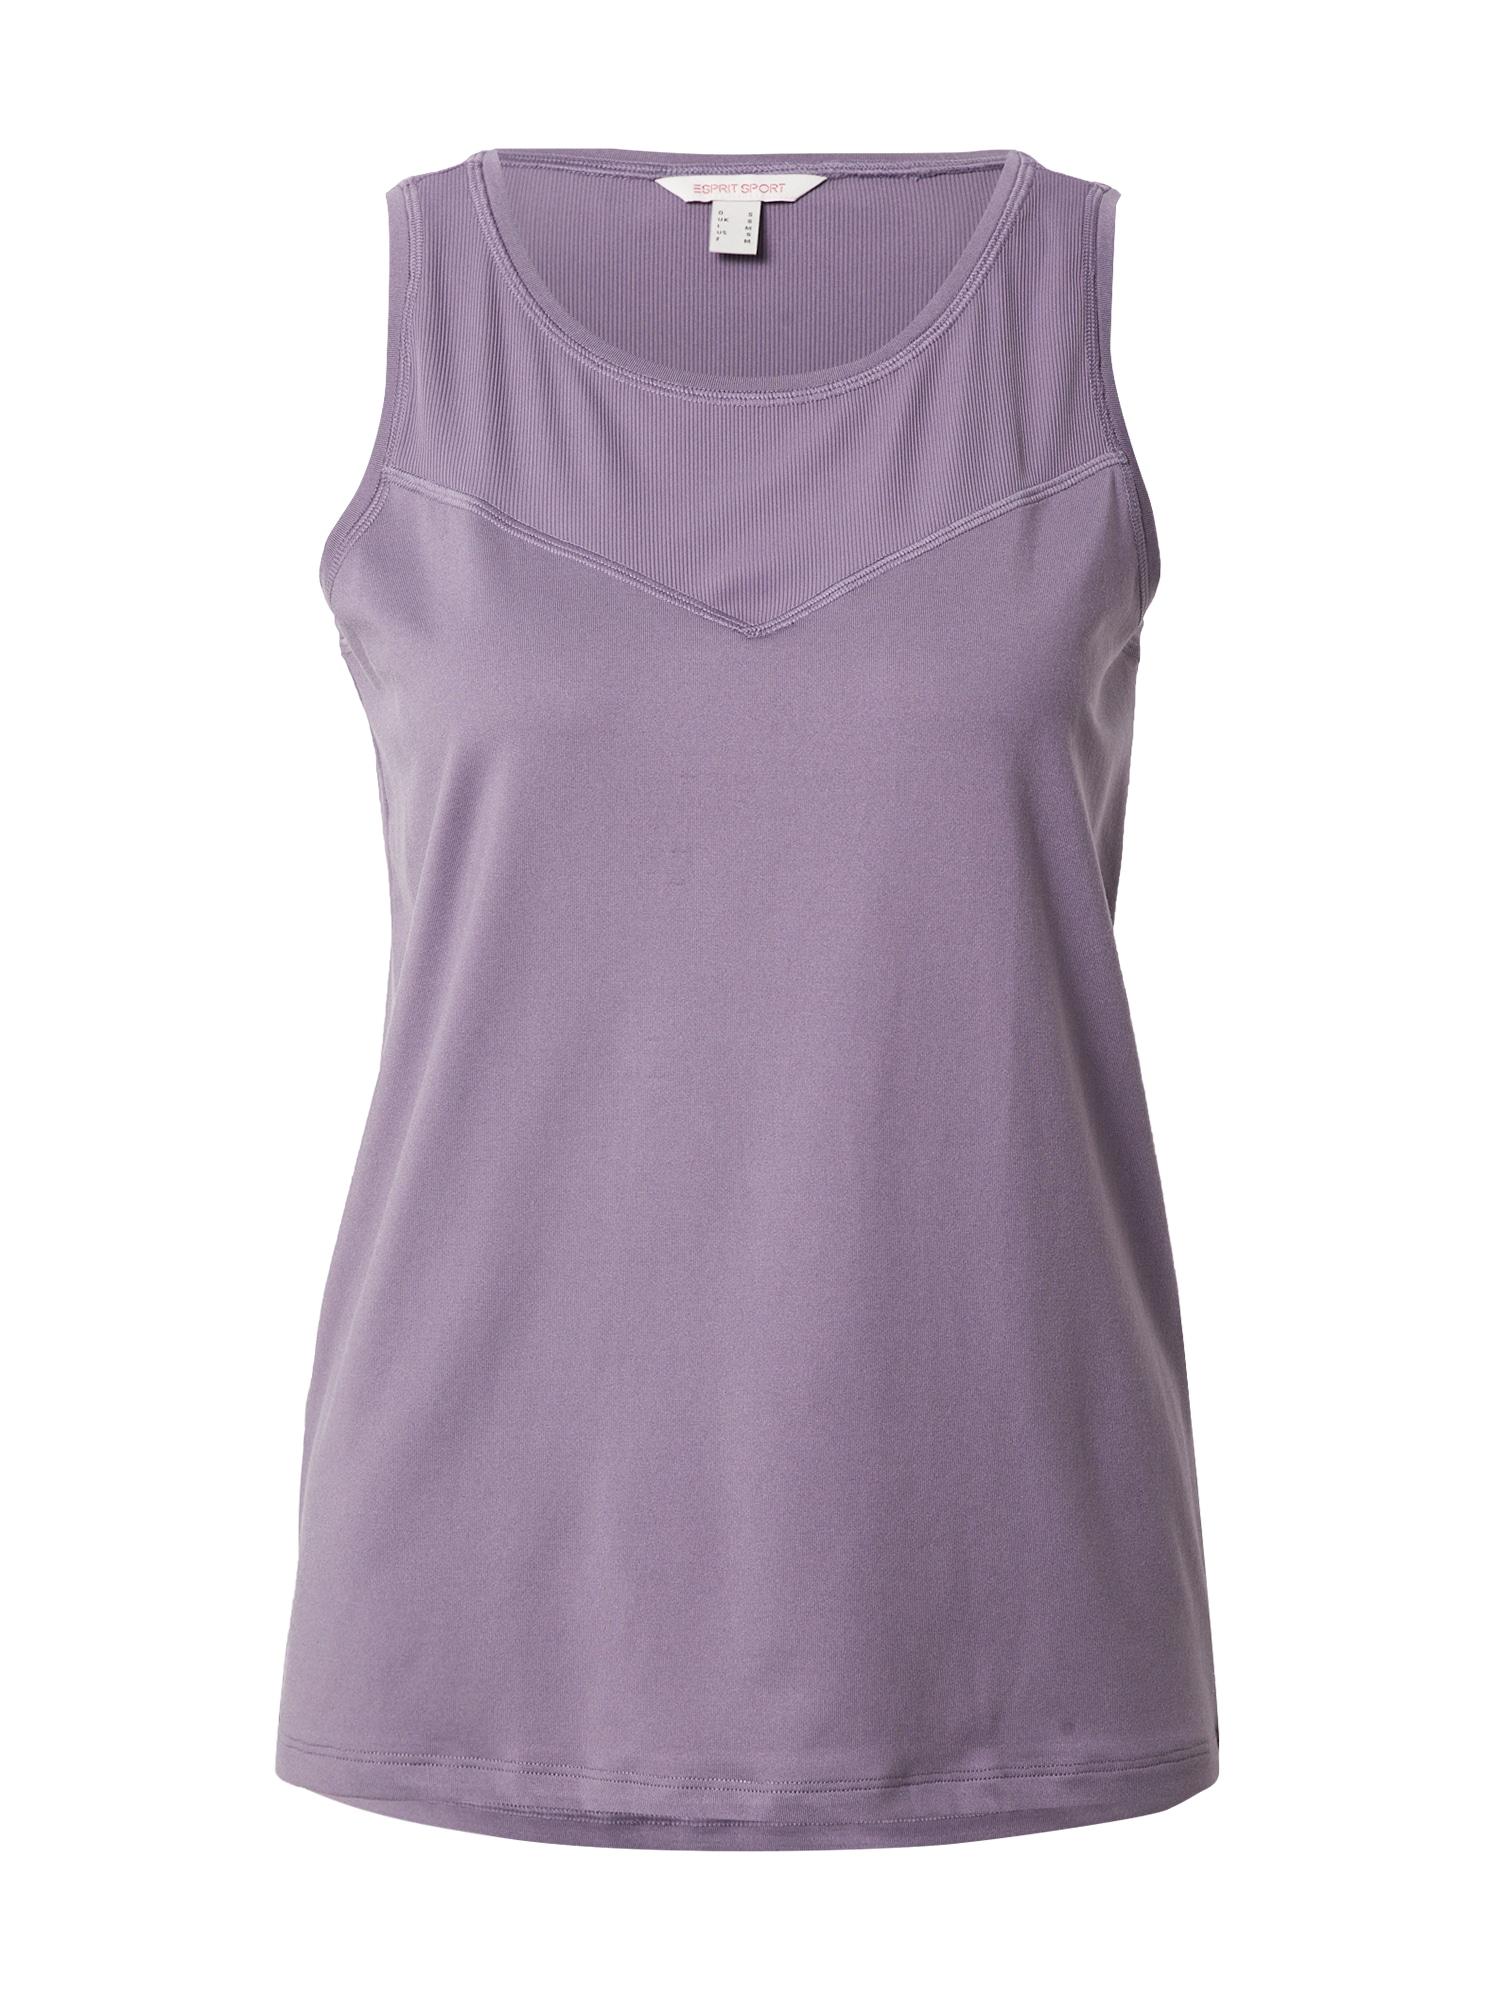 ESPRIT SPORT Sportiniai marškinėliai be rankovių šviesiai violetinė